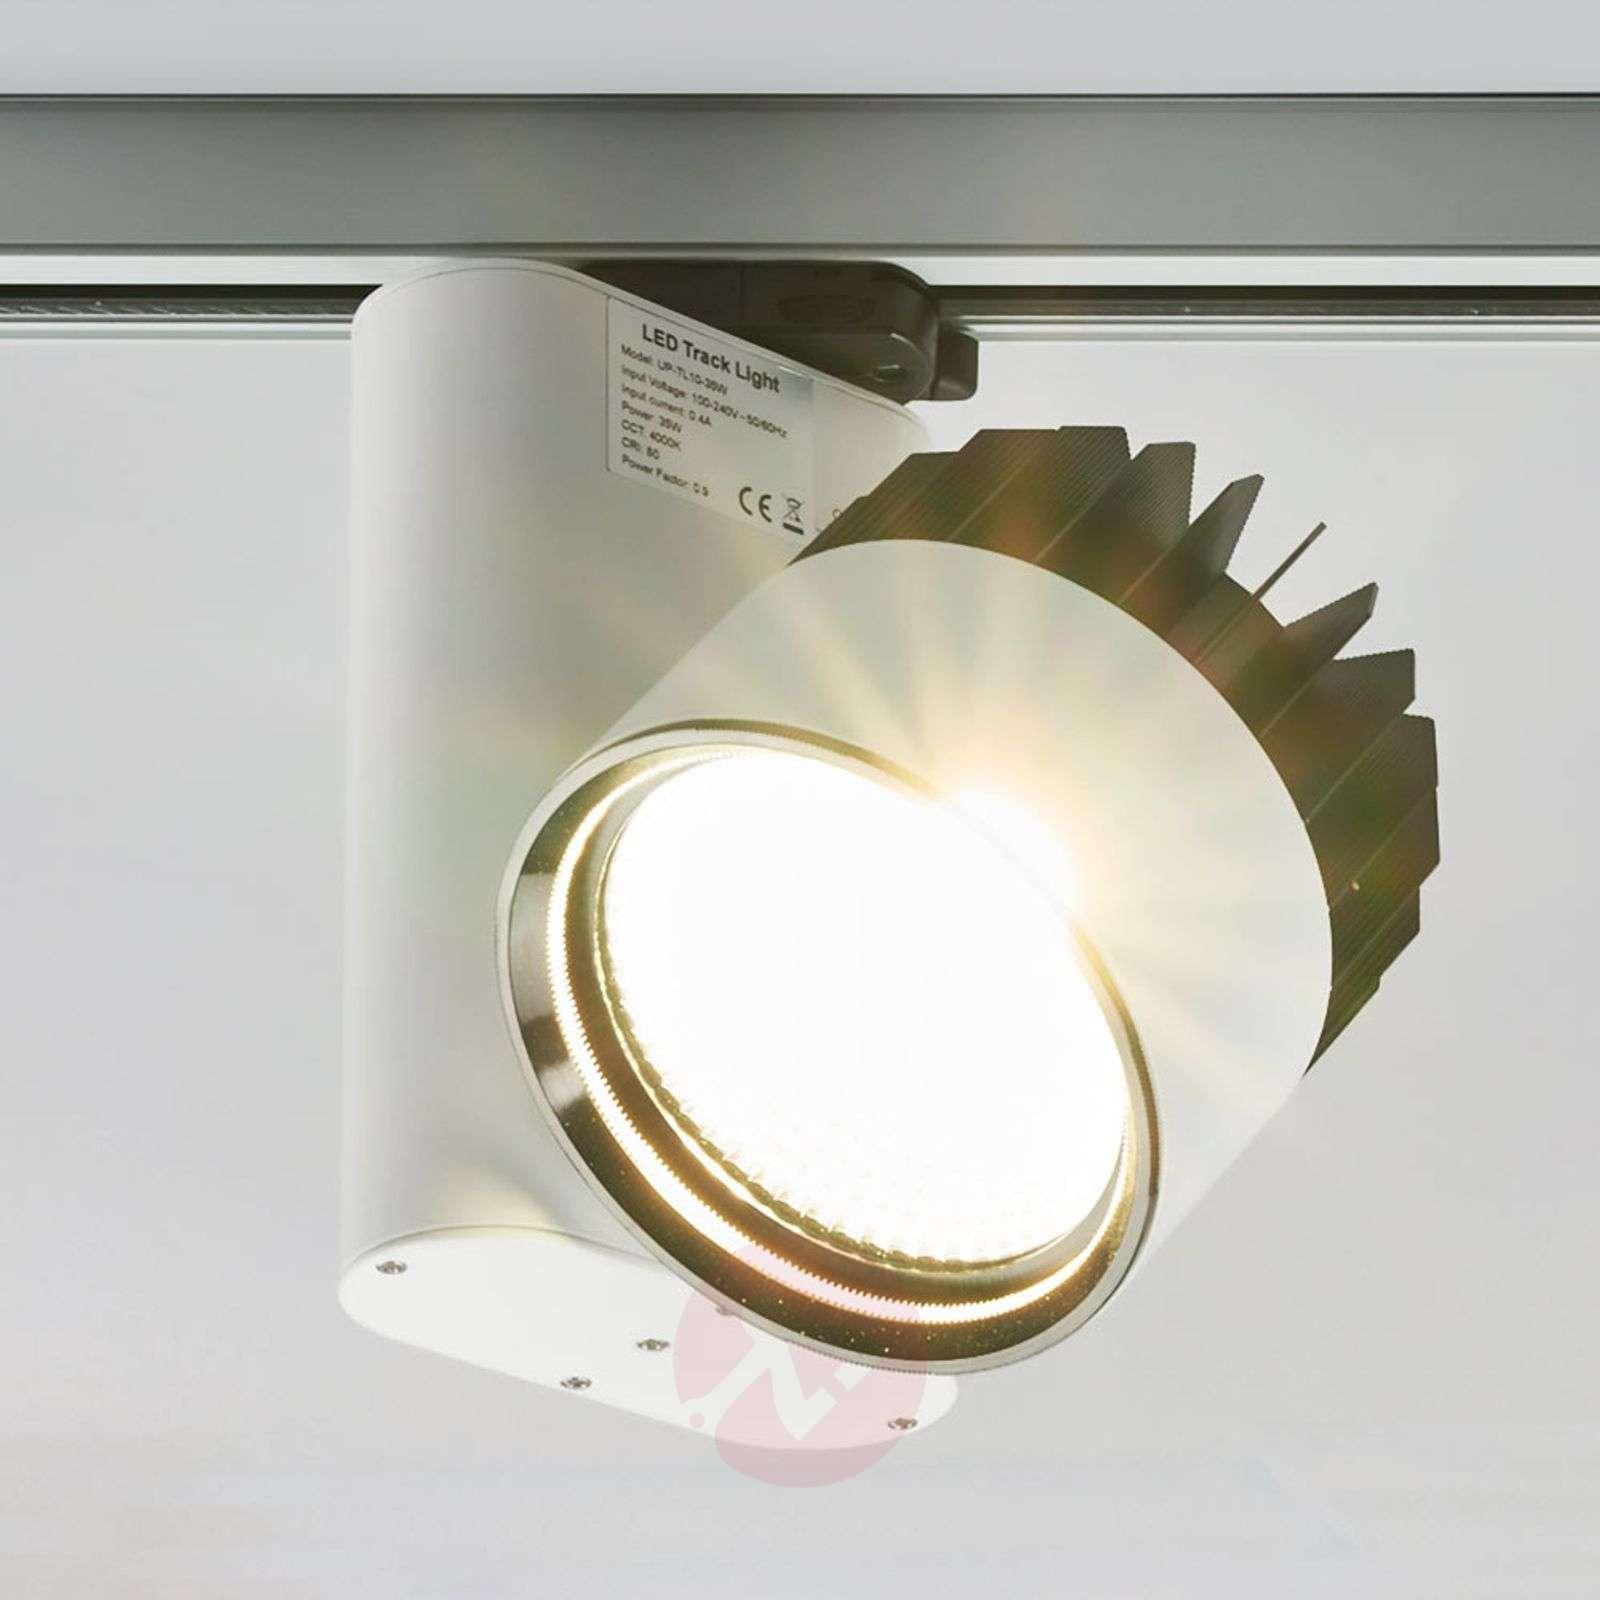 Valovoimainen LED-säteilijä Benett johdinkiskoon-9967019-01